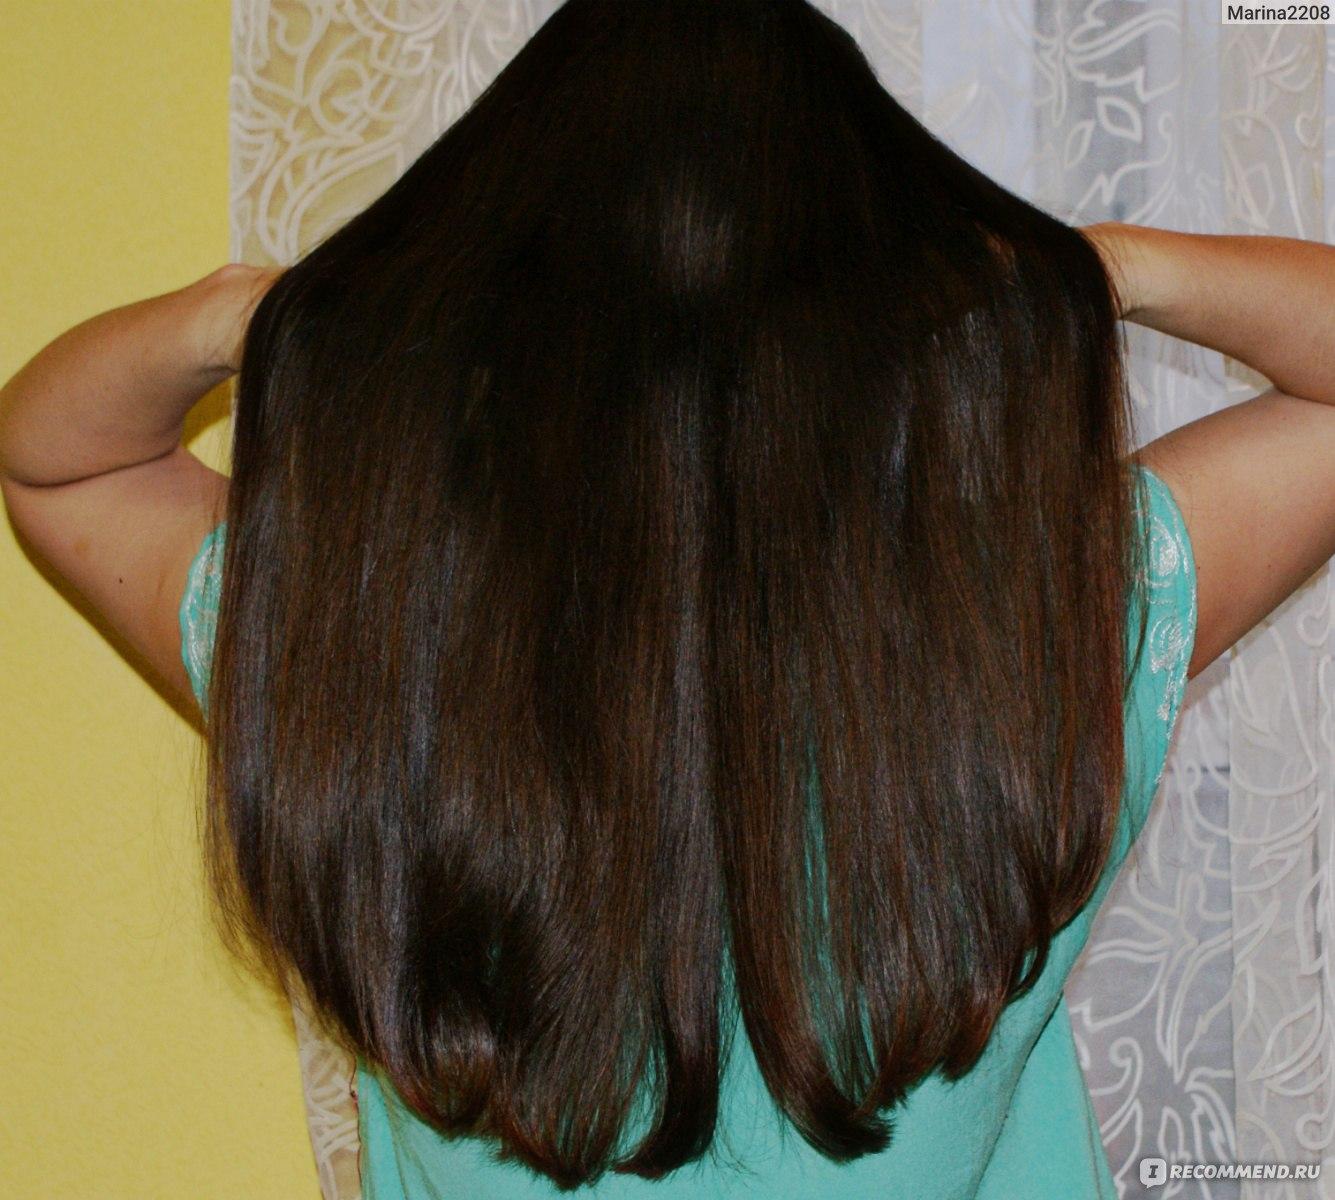 Маска которая удаляет волосы